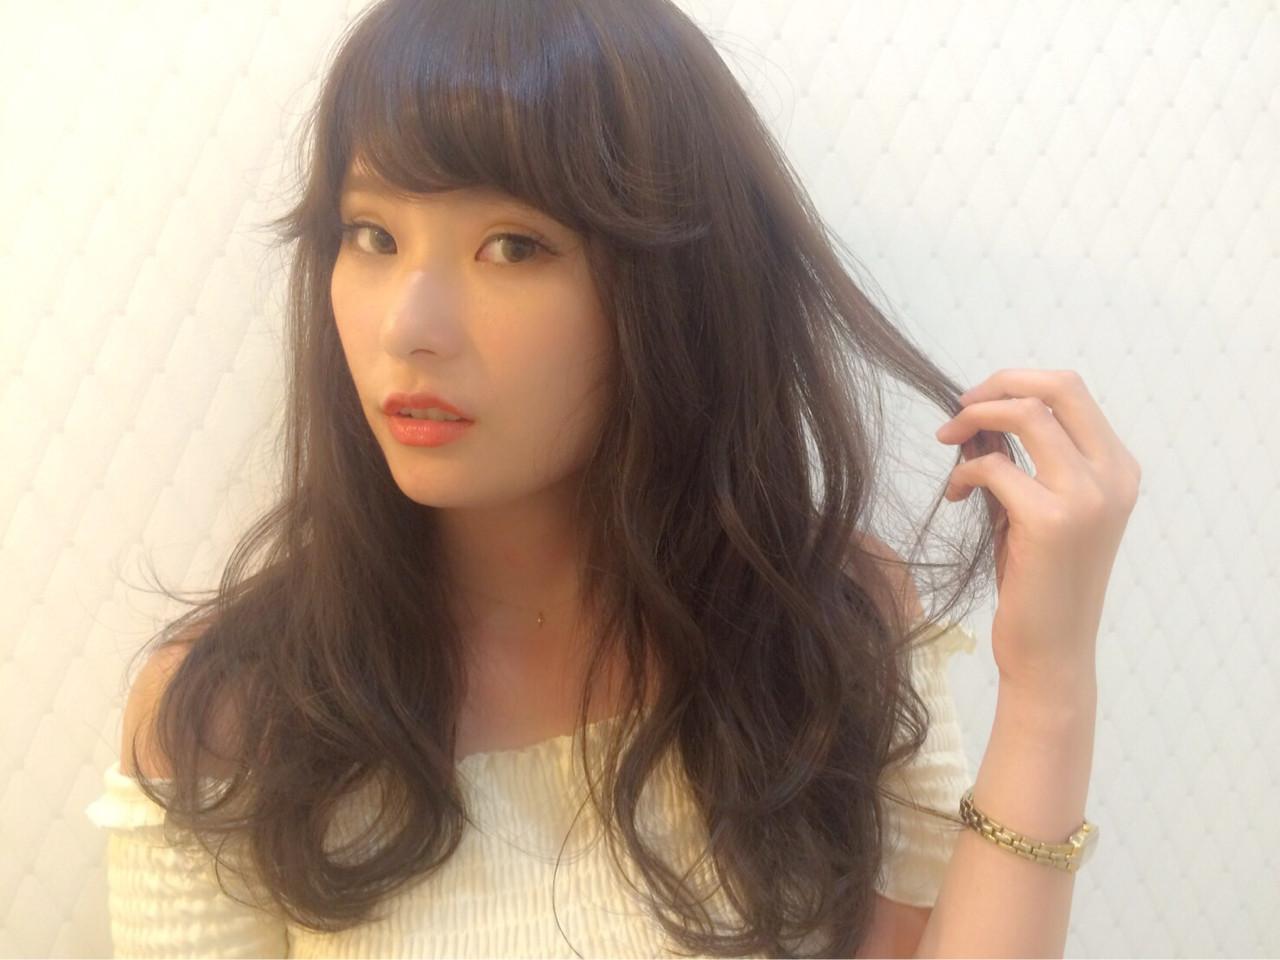 黒髪×ゆるふわパーマのデート向けスタイル narumi